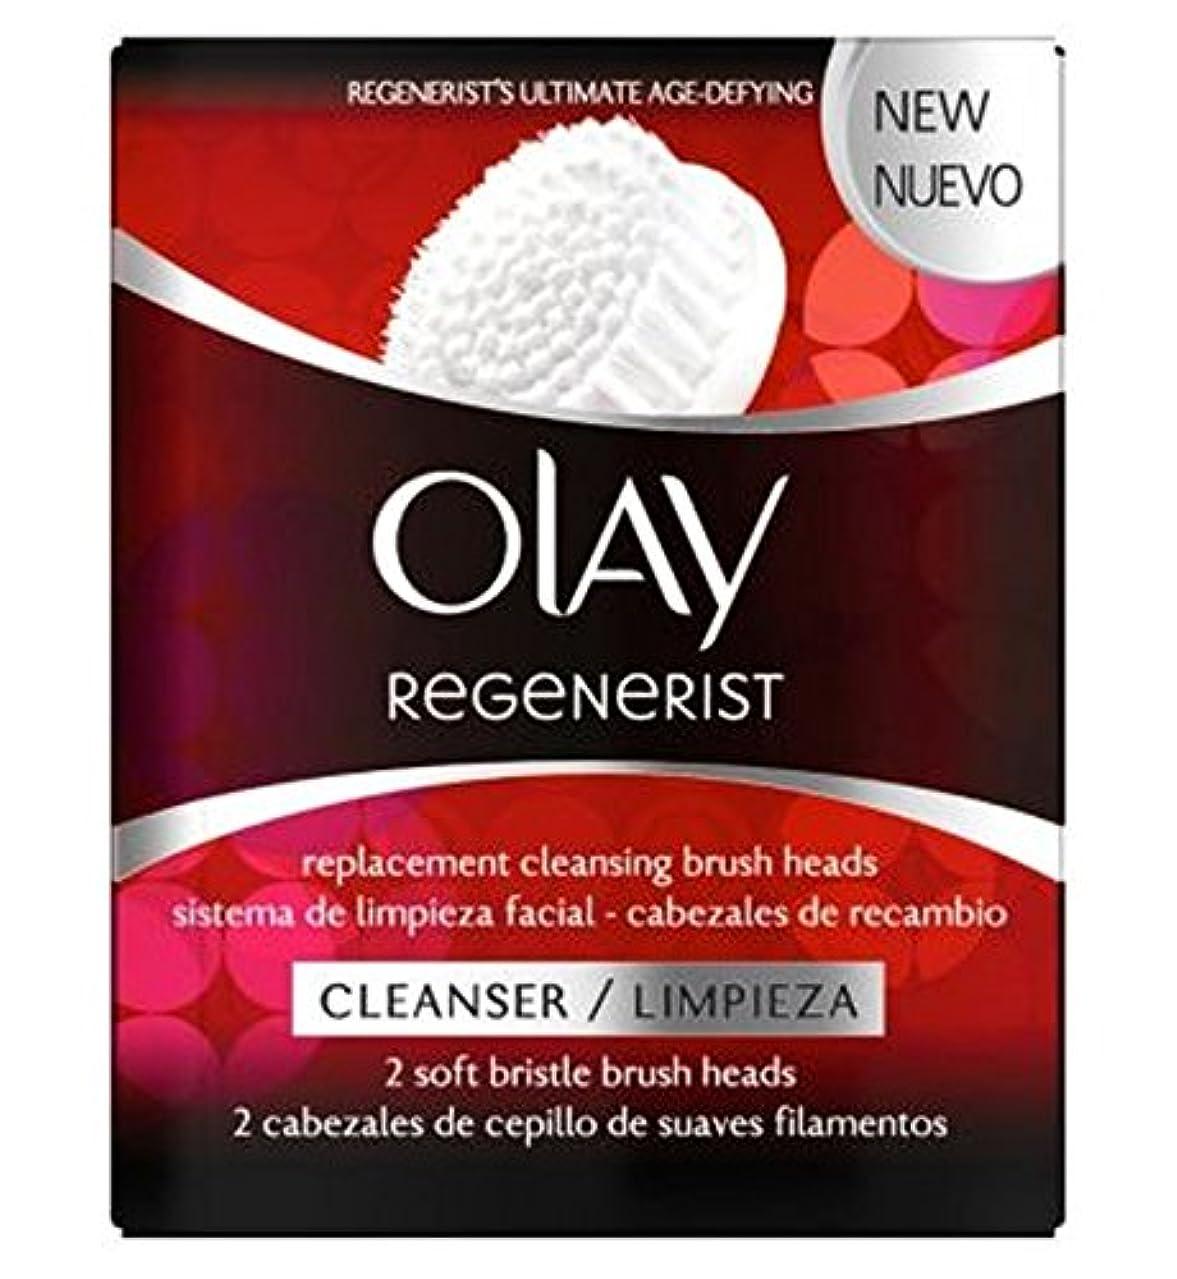 粗いパール不利益Olay Regenerist 2 Replacement Cleansing Brush Heads - オーレイリジェネ2交換用クレンジングブラシヘッド (Olay) [並行輸入品]